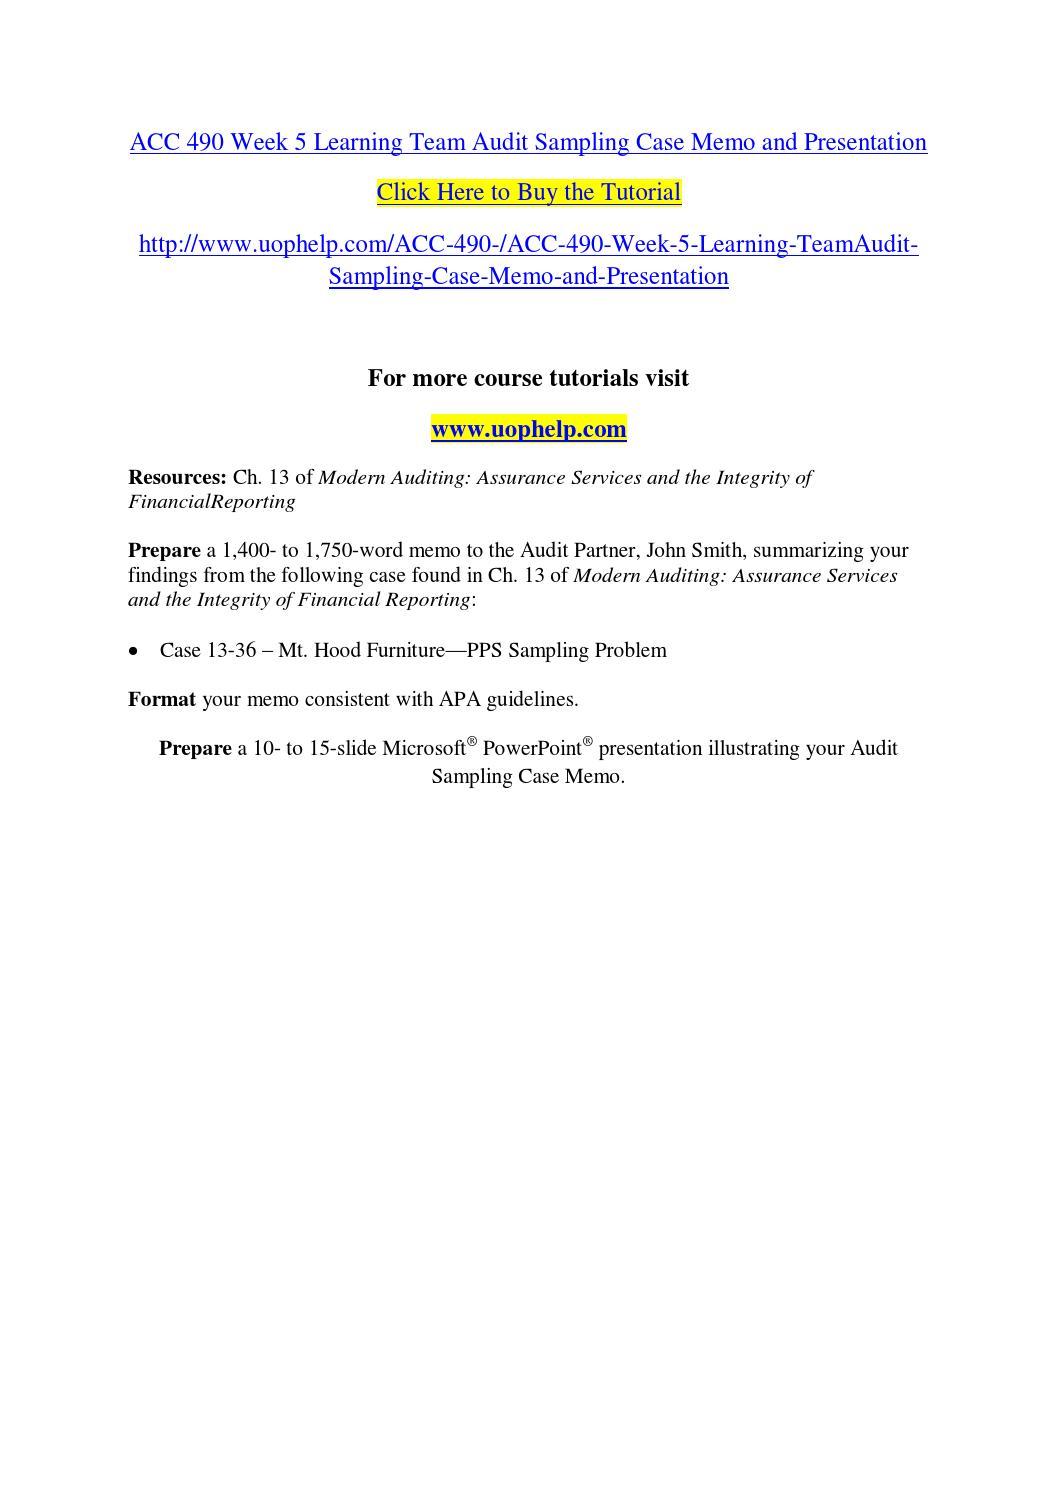 Audit sampling case chapter 13 case 13 36 mt hood furniture pps sampling problem essay